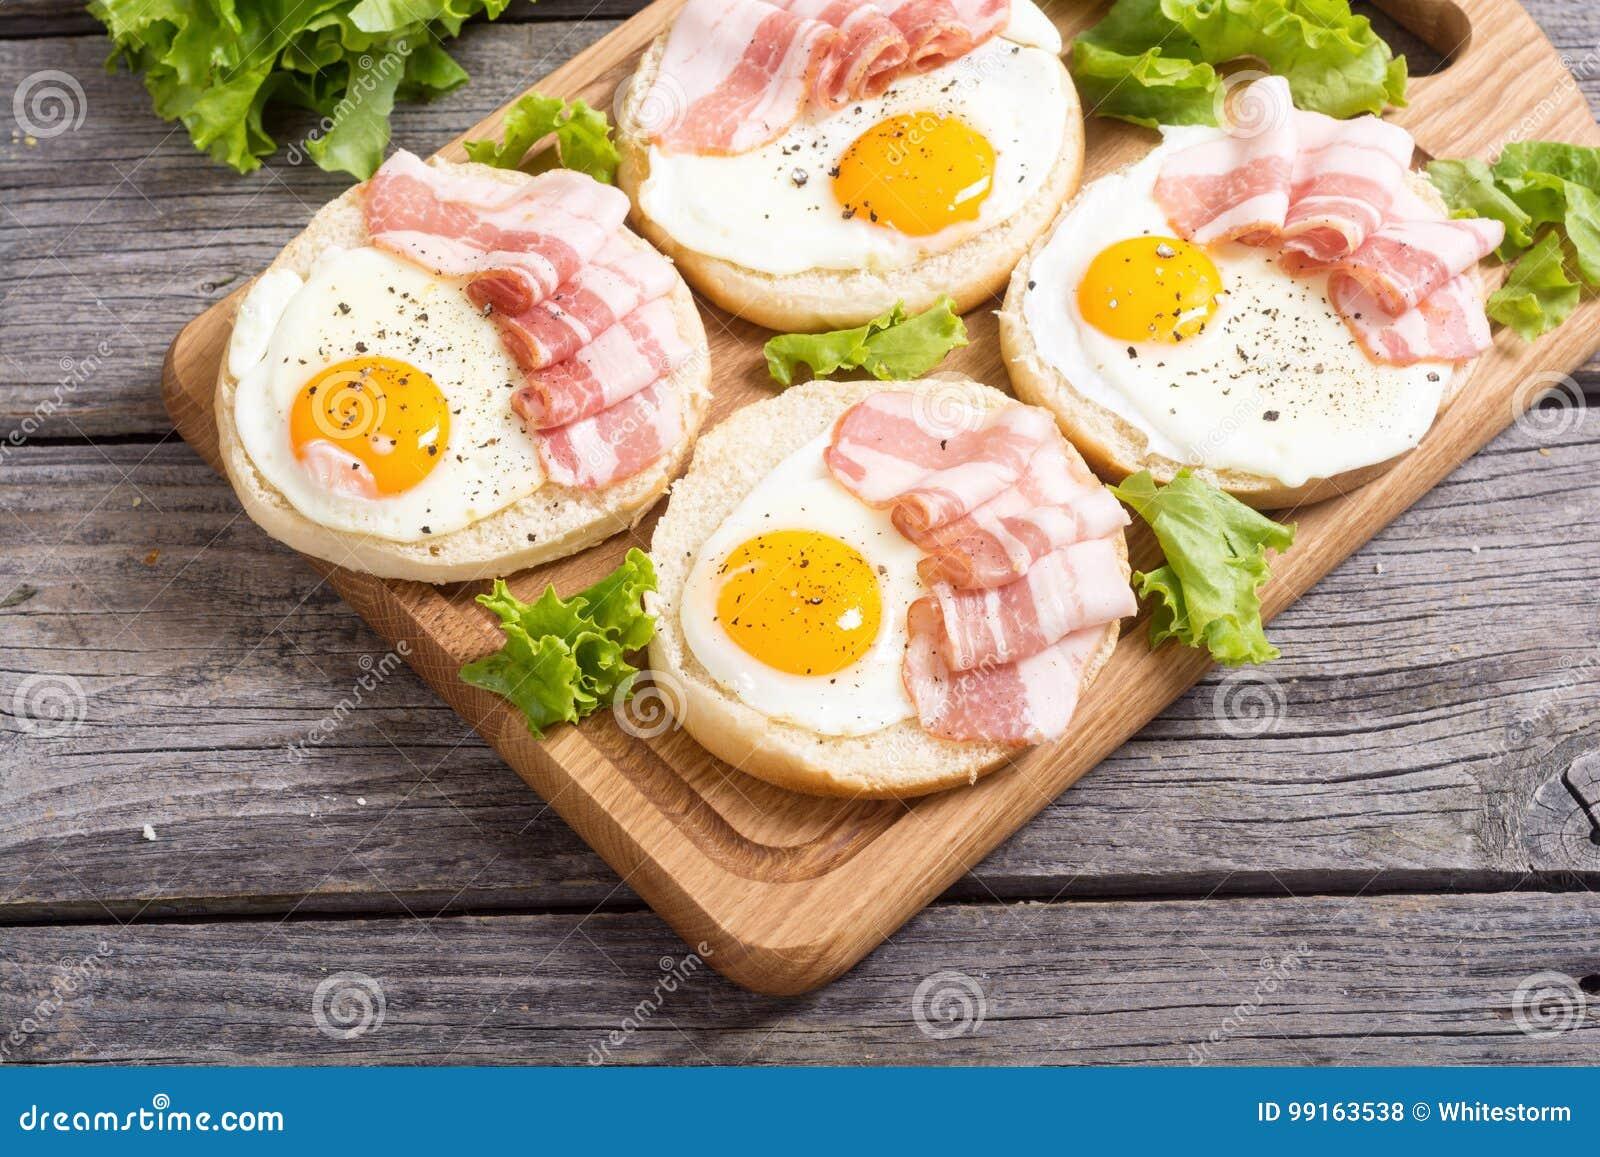 Sanduíche com ovos e bacon